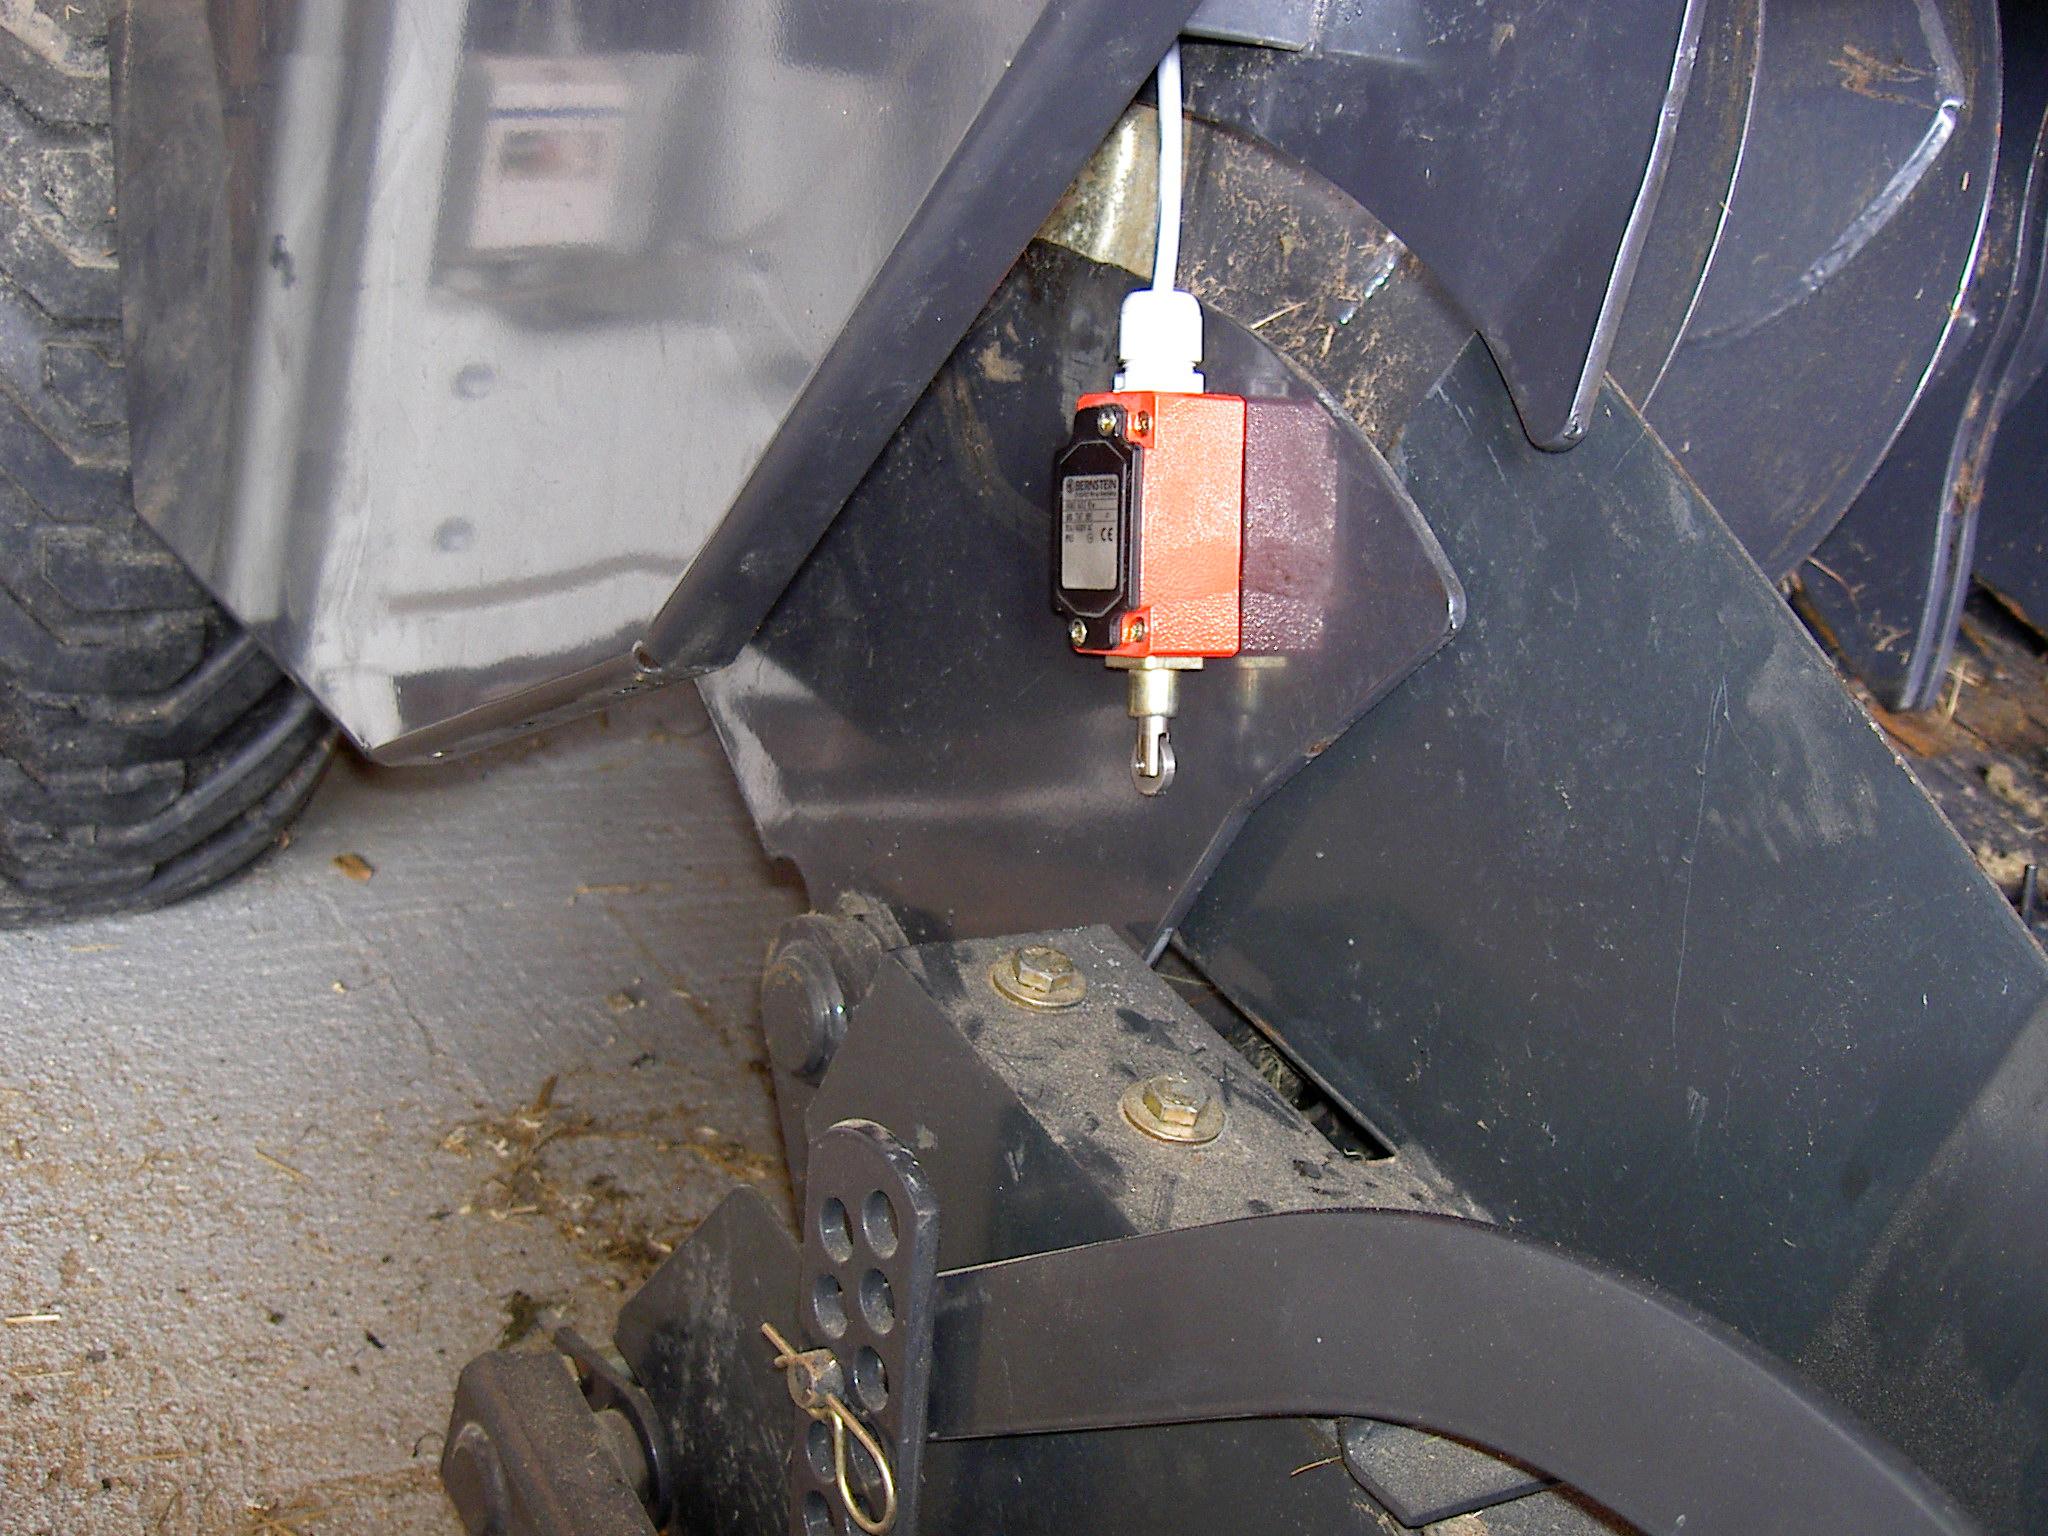 Ein Endschalter Schaltet die Dosierpumpe automatisch ein wenn die PickUp gesenkt wird.